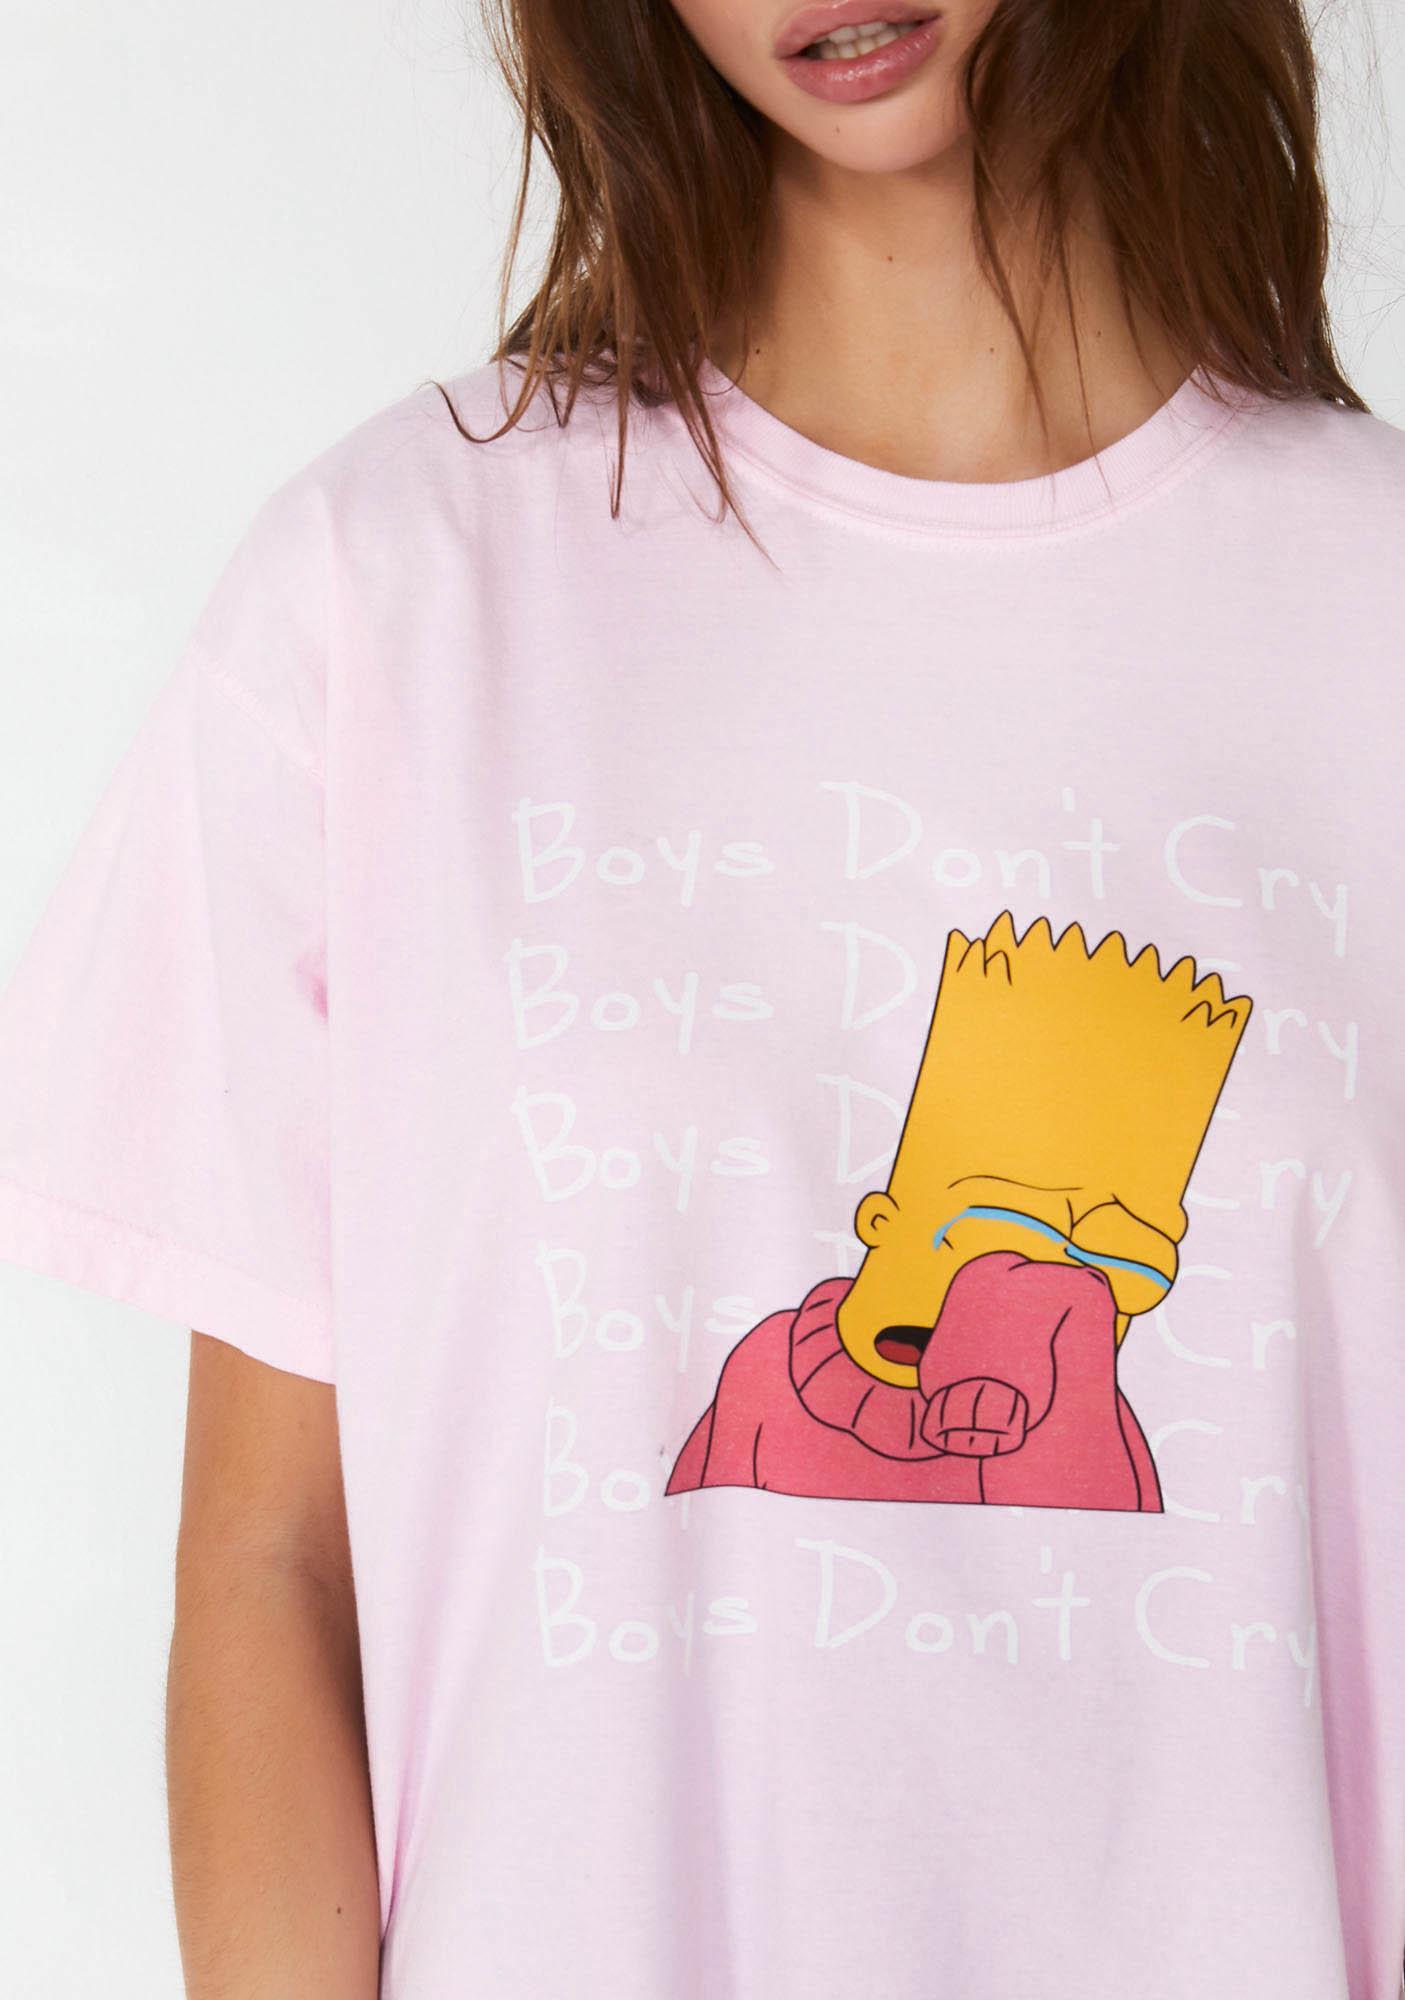 FEMMEMUTE Boys Don't Cry Tee